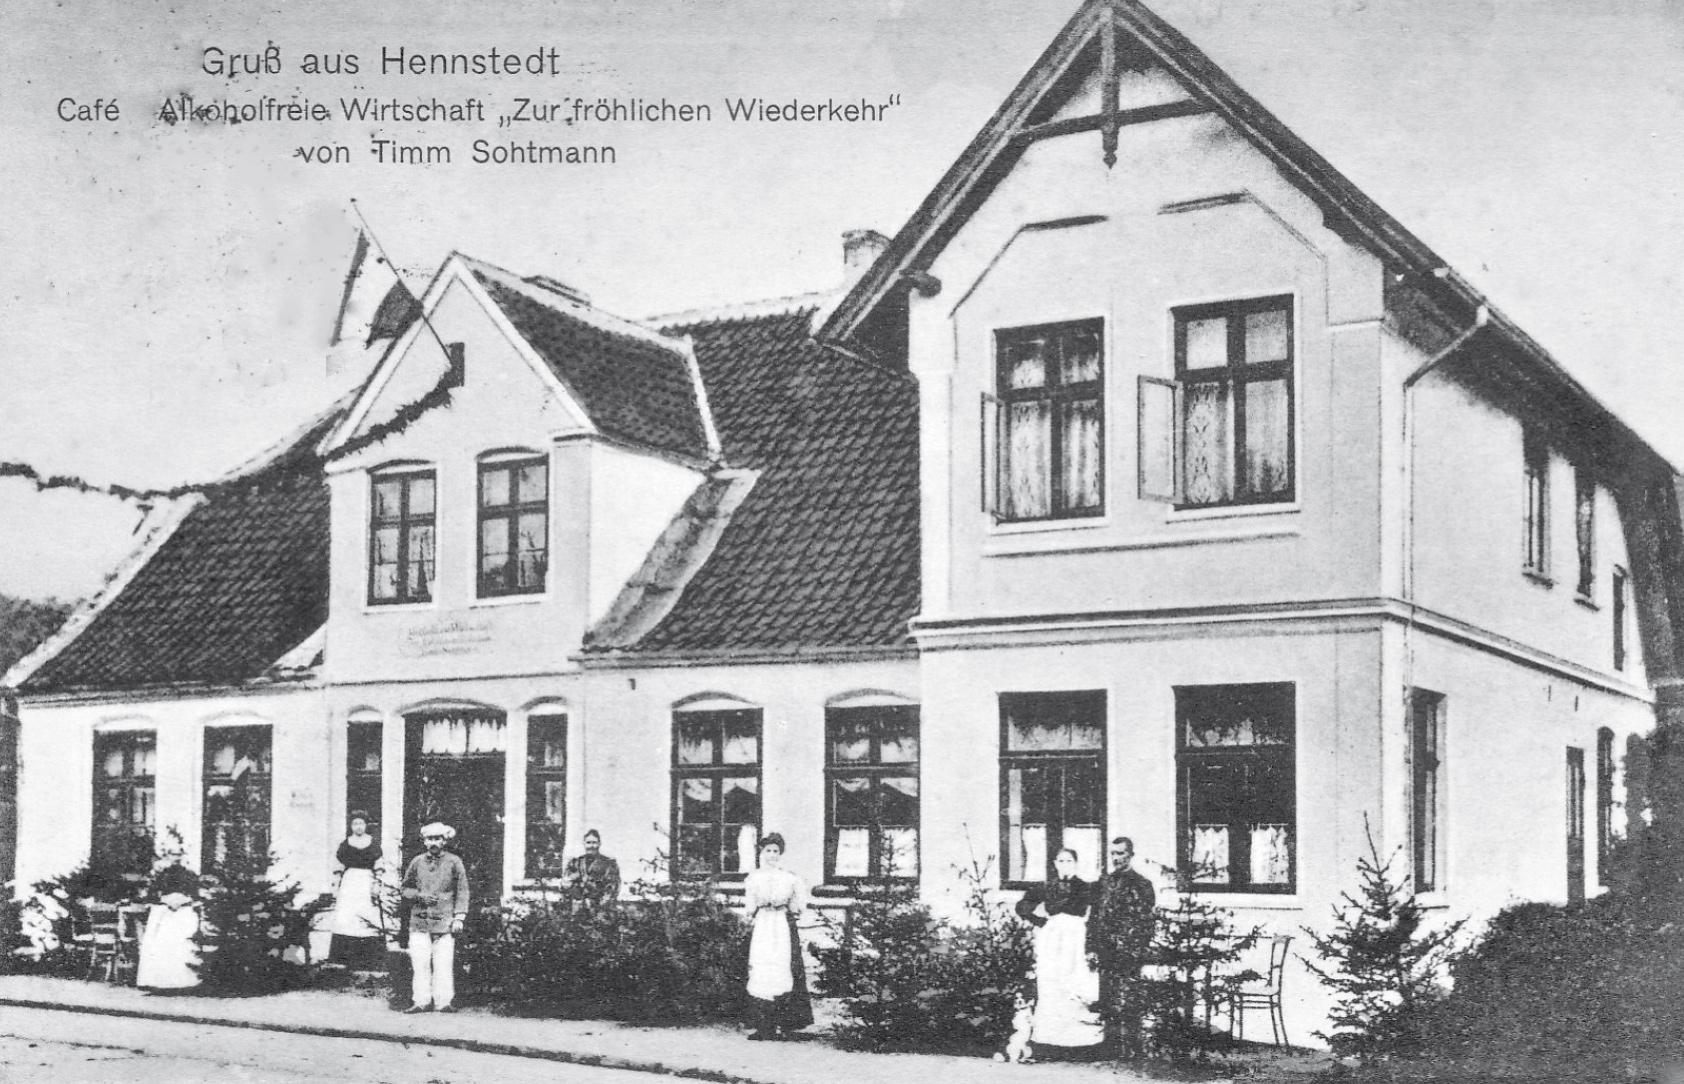 dorf_bilder/Chronik-Hennstedt-223.jpg